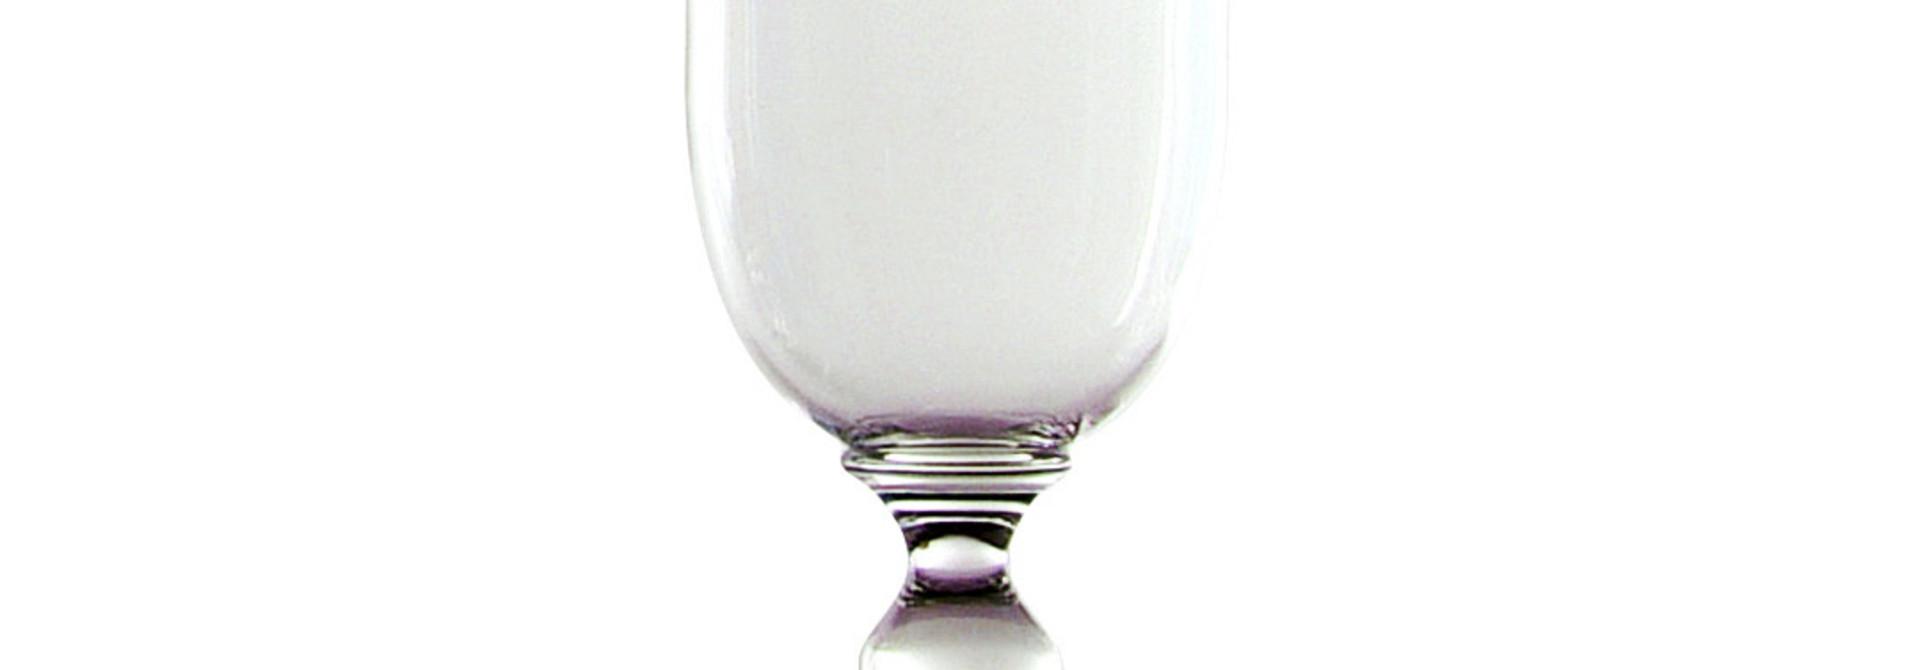 Wine Glass - Blue